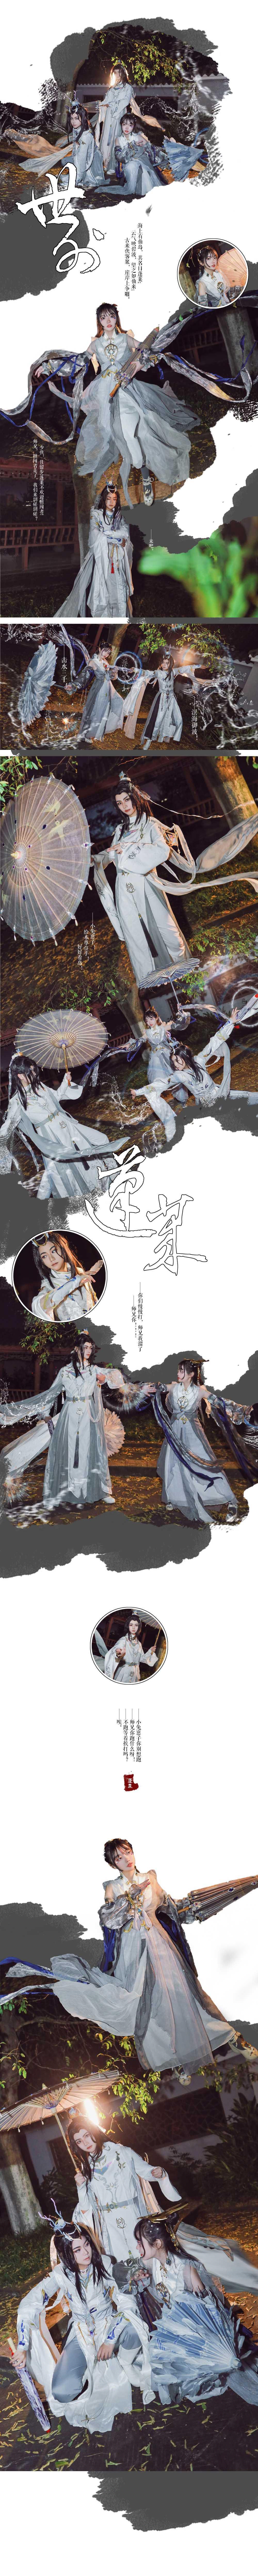 正片cosplay【CN:凌乱Lluan】-第1张